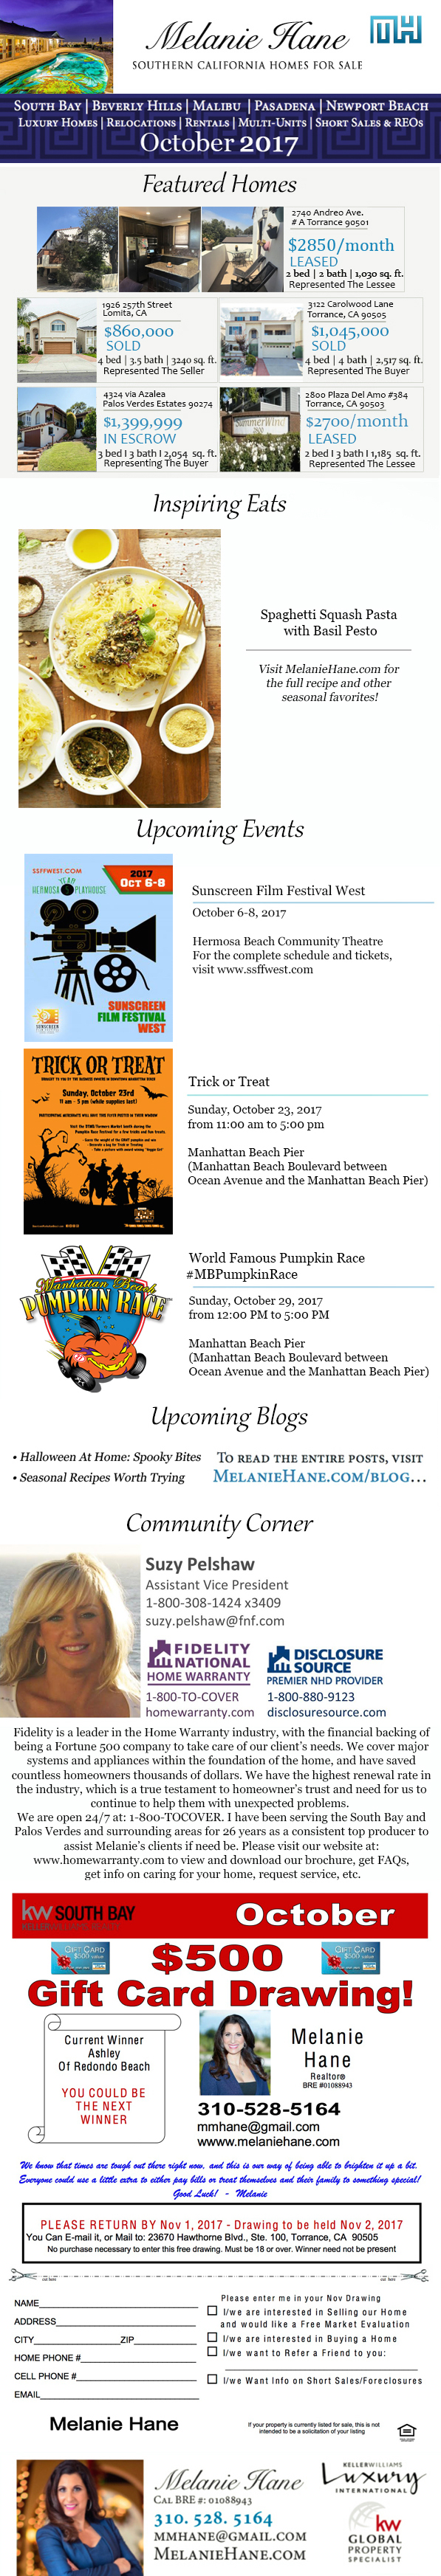 Melanie Hane October 2017 Newsletter.jpg